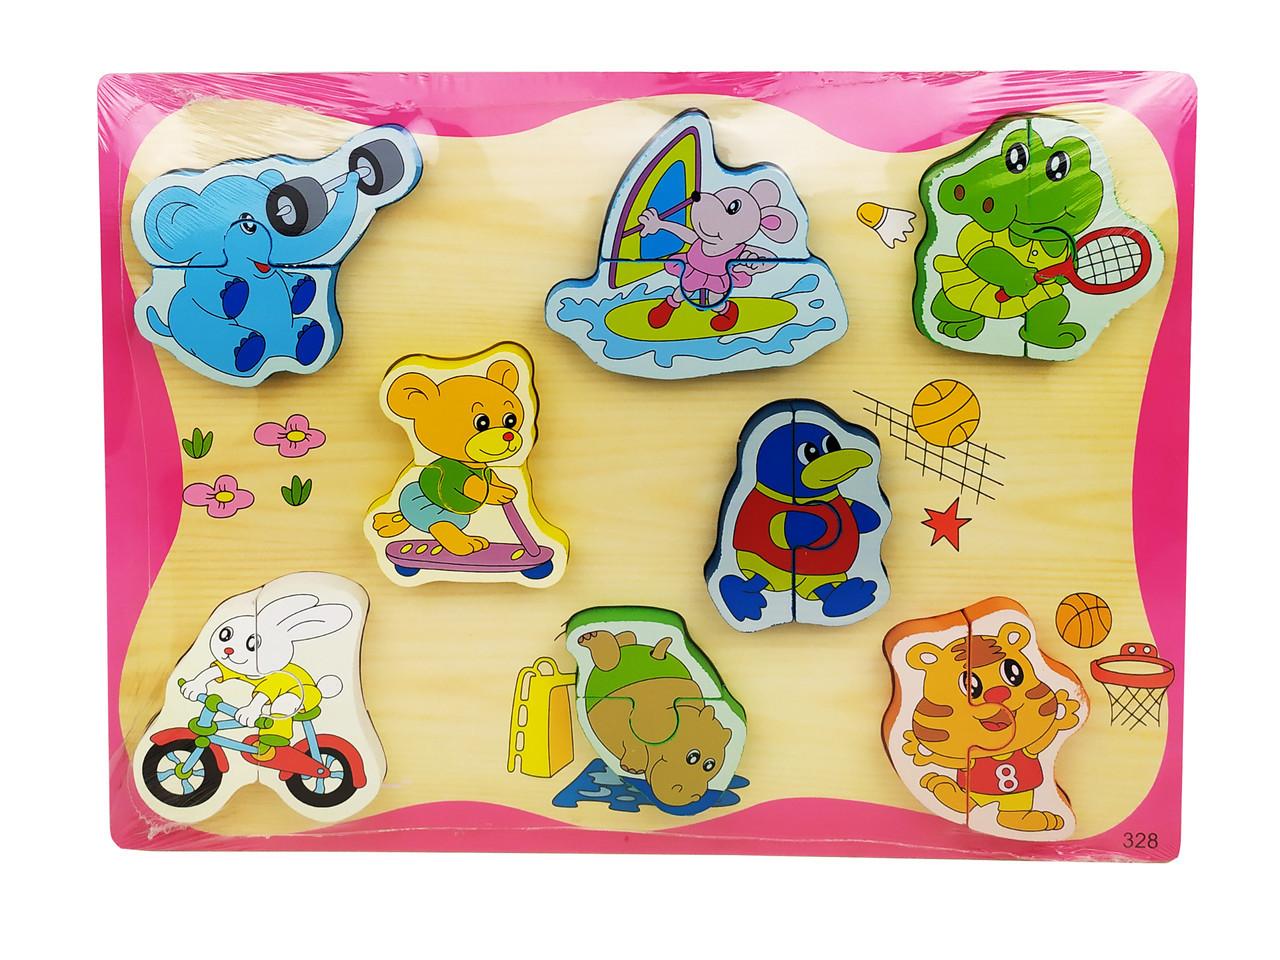 Деревянная игрушка Рамка-вкладыш MD 1213-5 (Животные спорт) пазлы, животные.